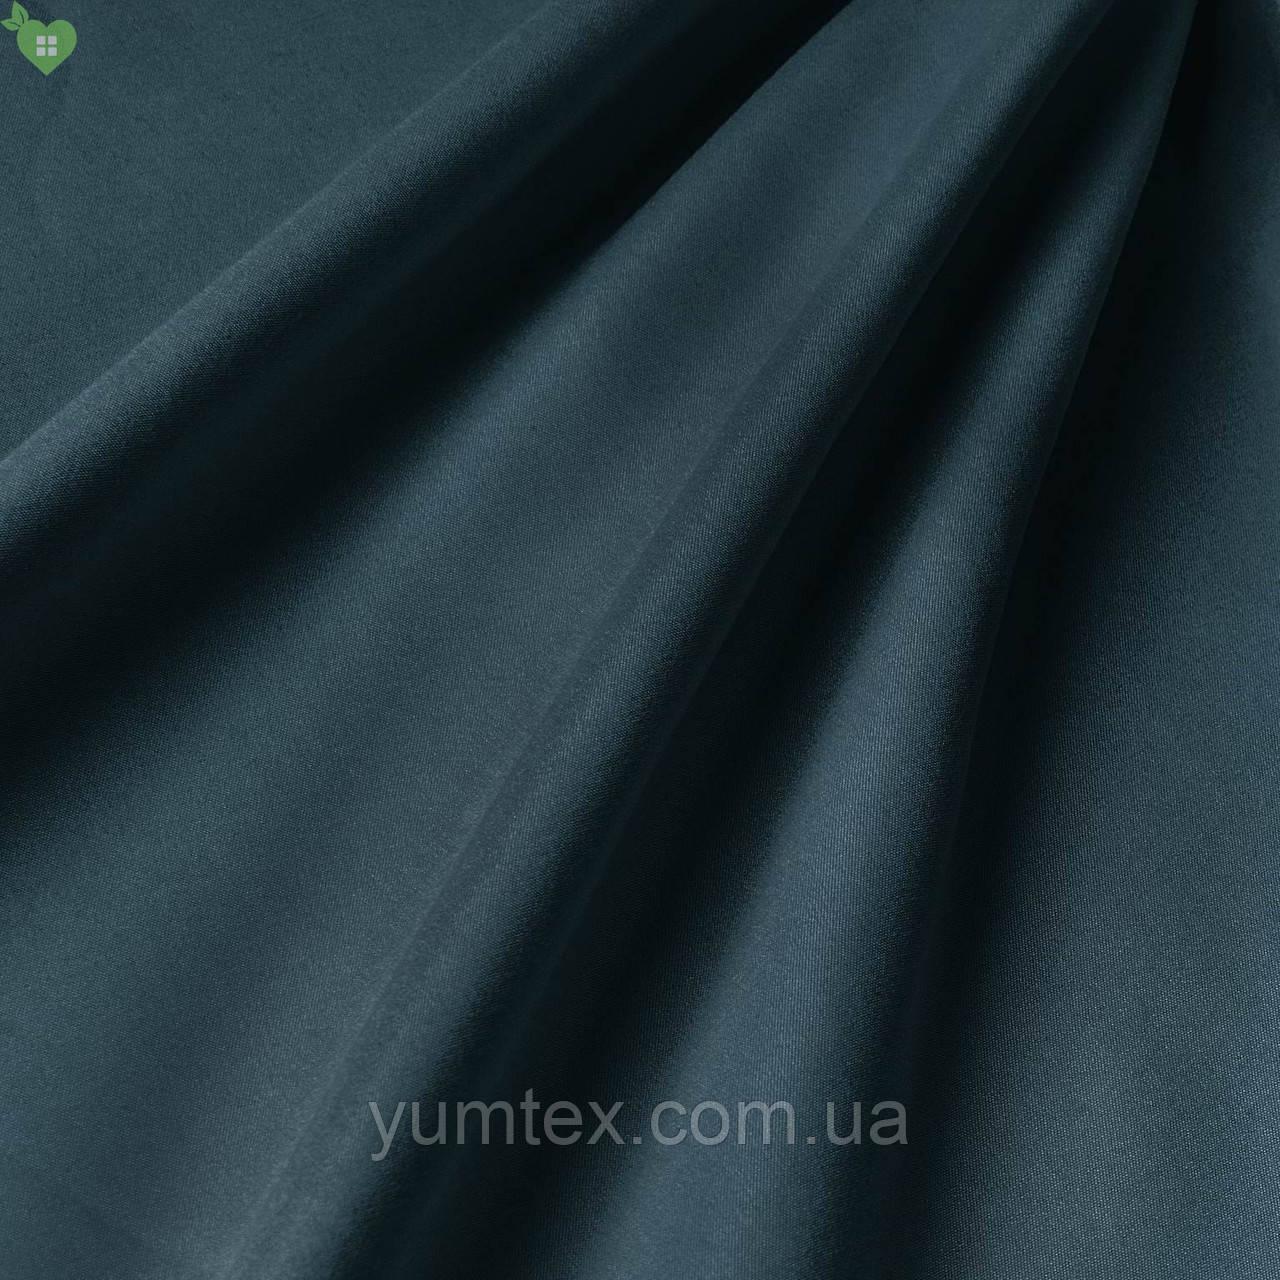 Подкладочная ткань с персиковой фактурой темного пурпурно-синего цвета Испания